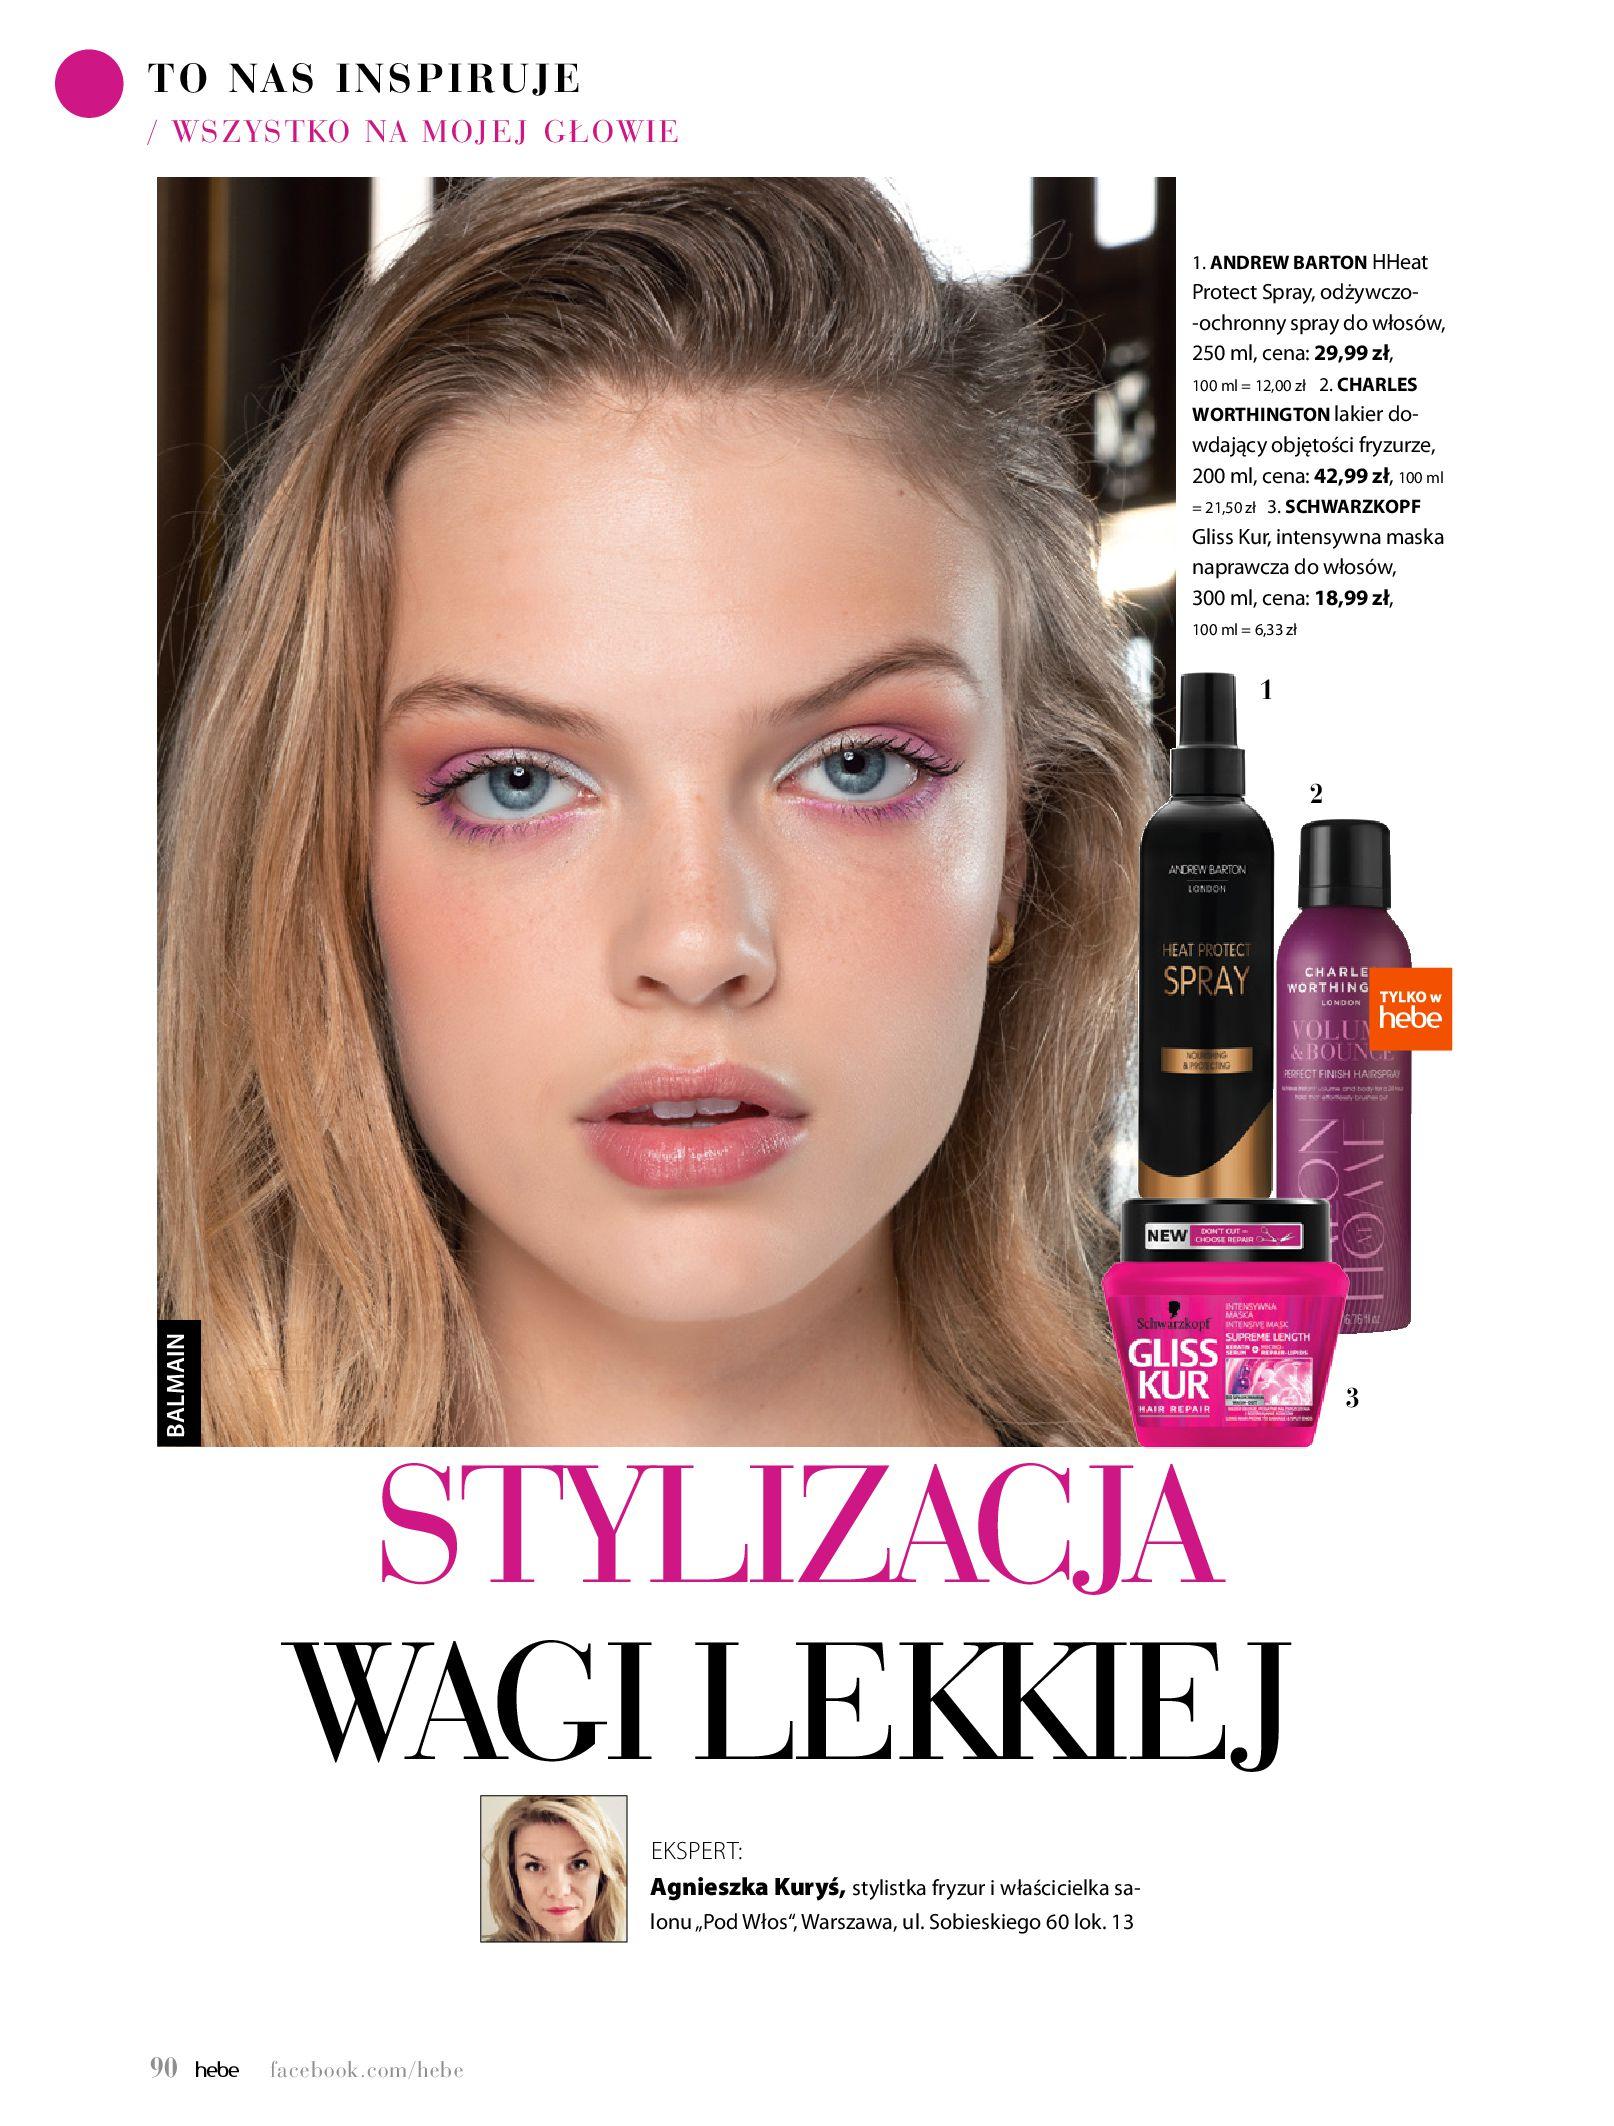 Gazetka hebe - Magazyn Hebe-30.06.2020-31.08.2020-page-90